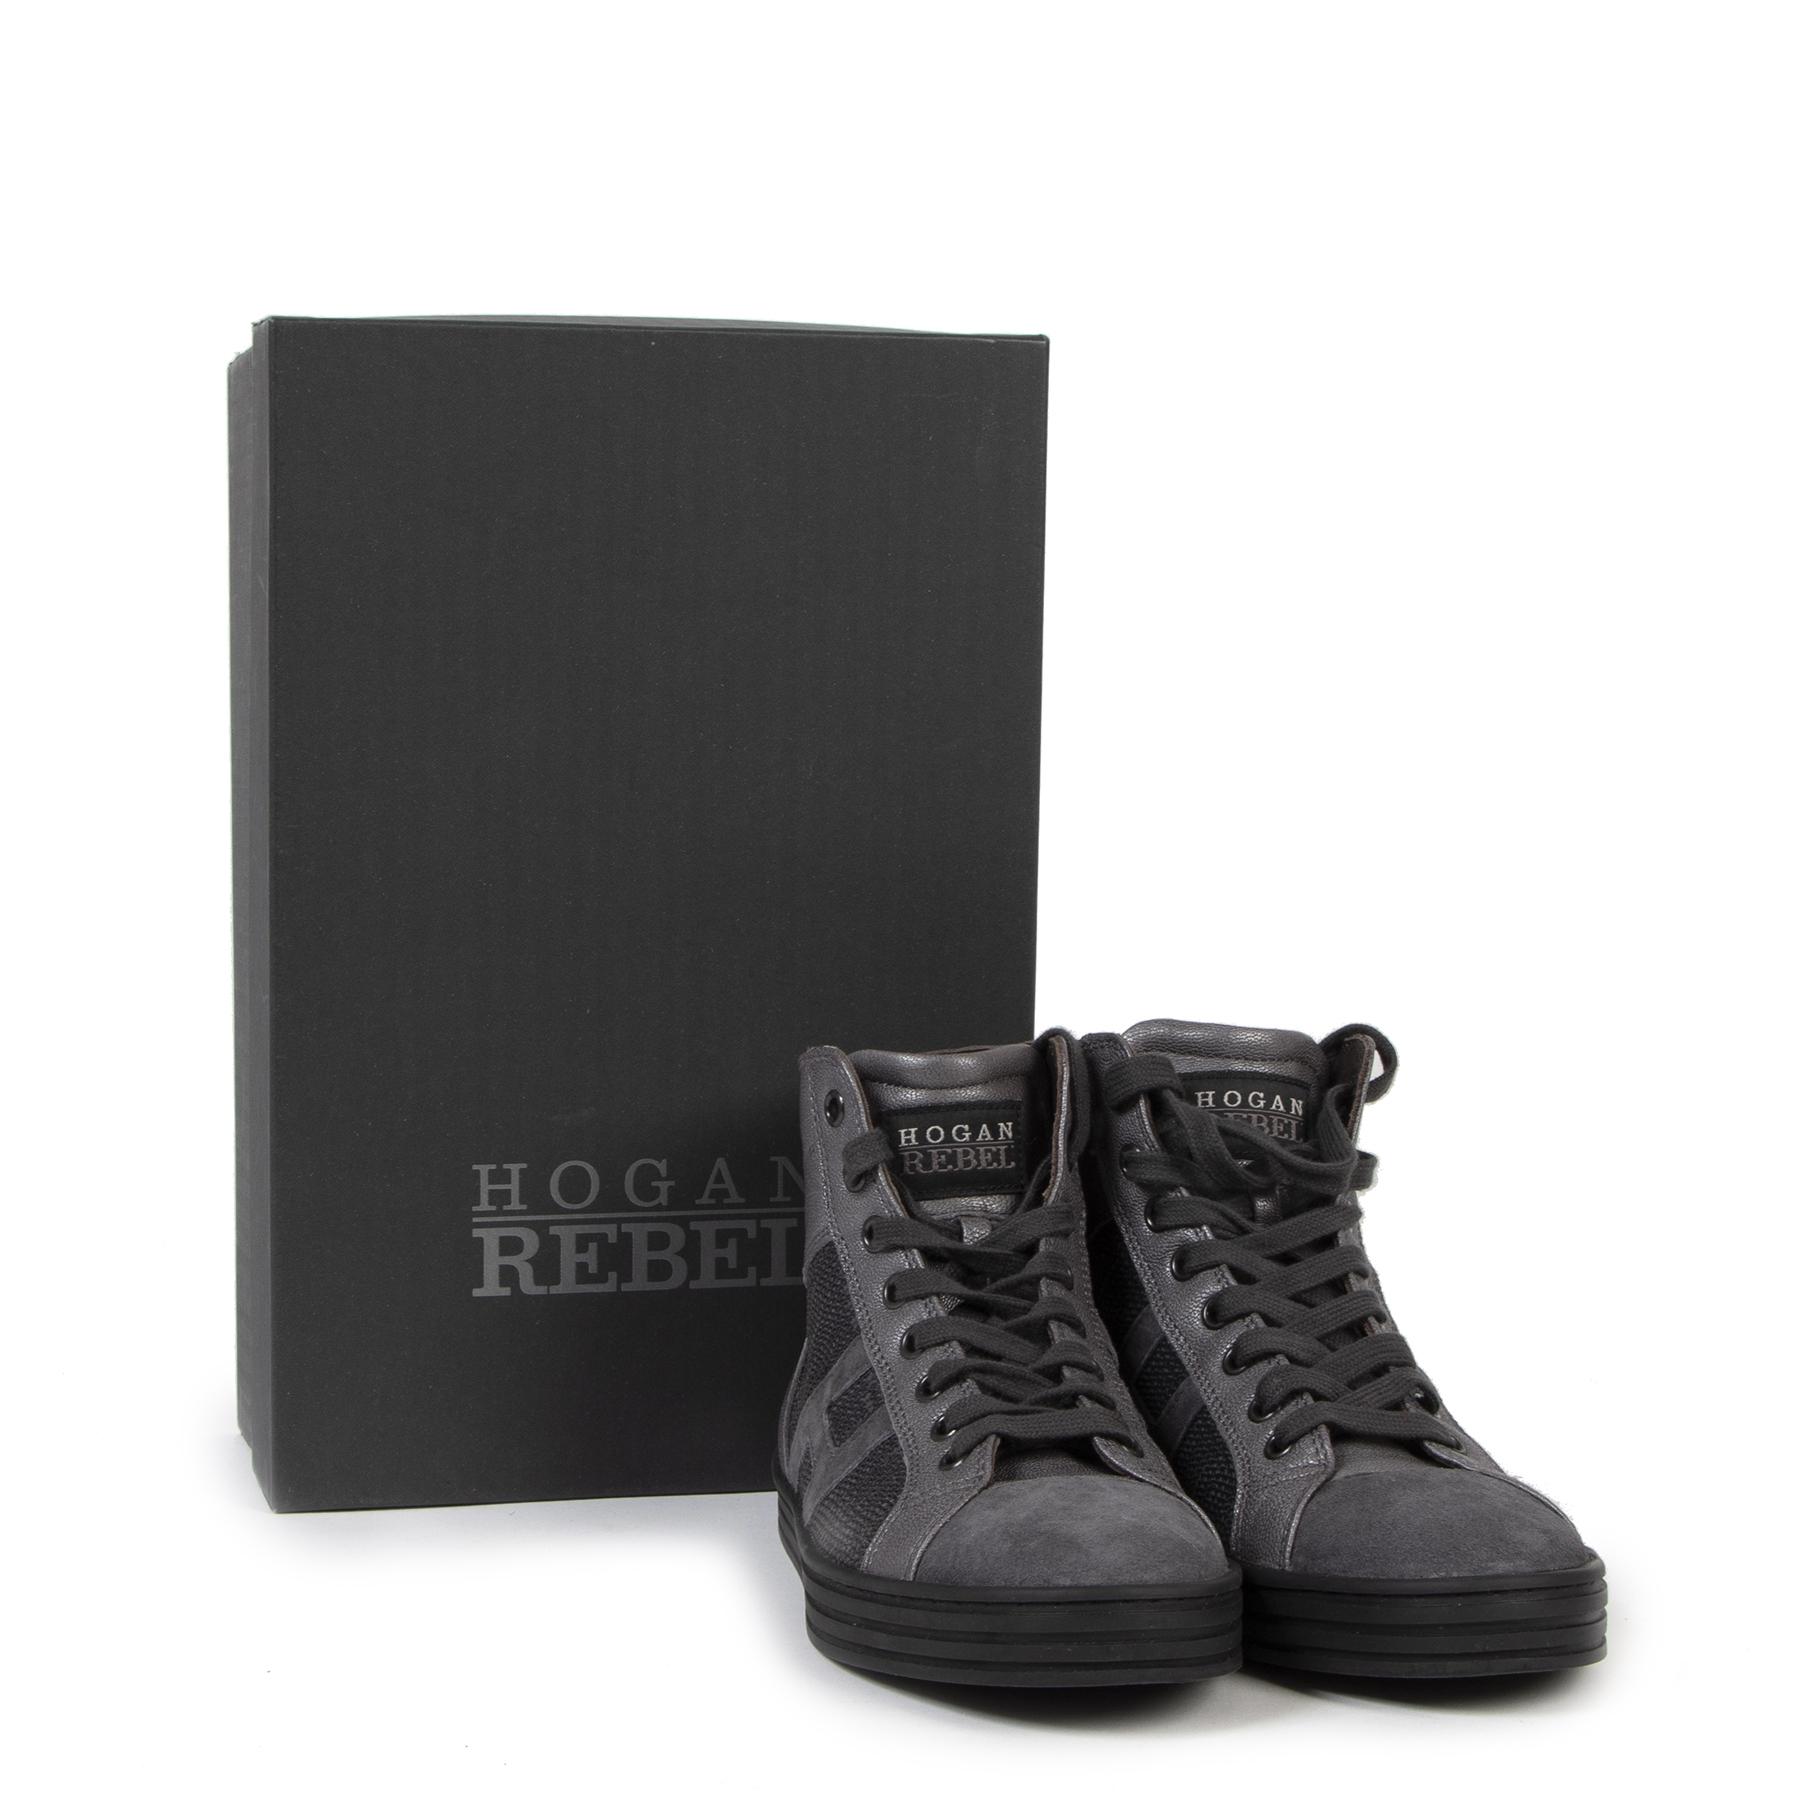 Authentieke Tweedehands Hogan Grey Leather Glitter Sneakers - Size 38 juiste prijs veilig online shoppen luxe merken webshop winkelen Antwerpen België mode fashion